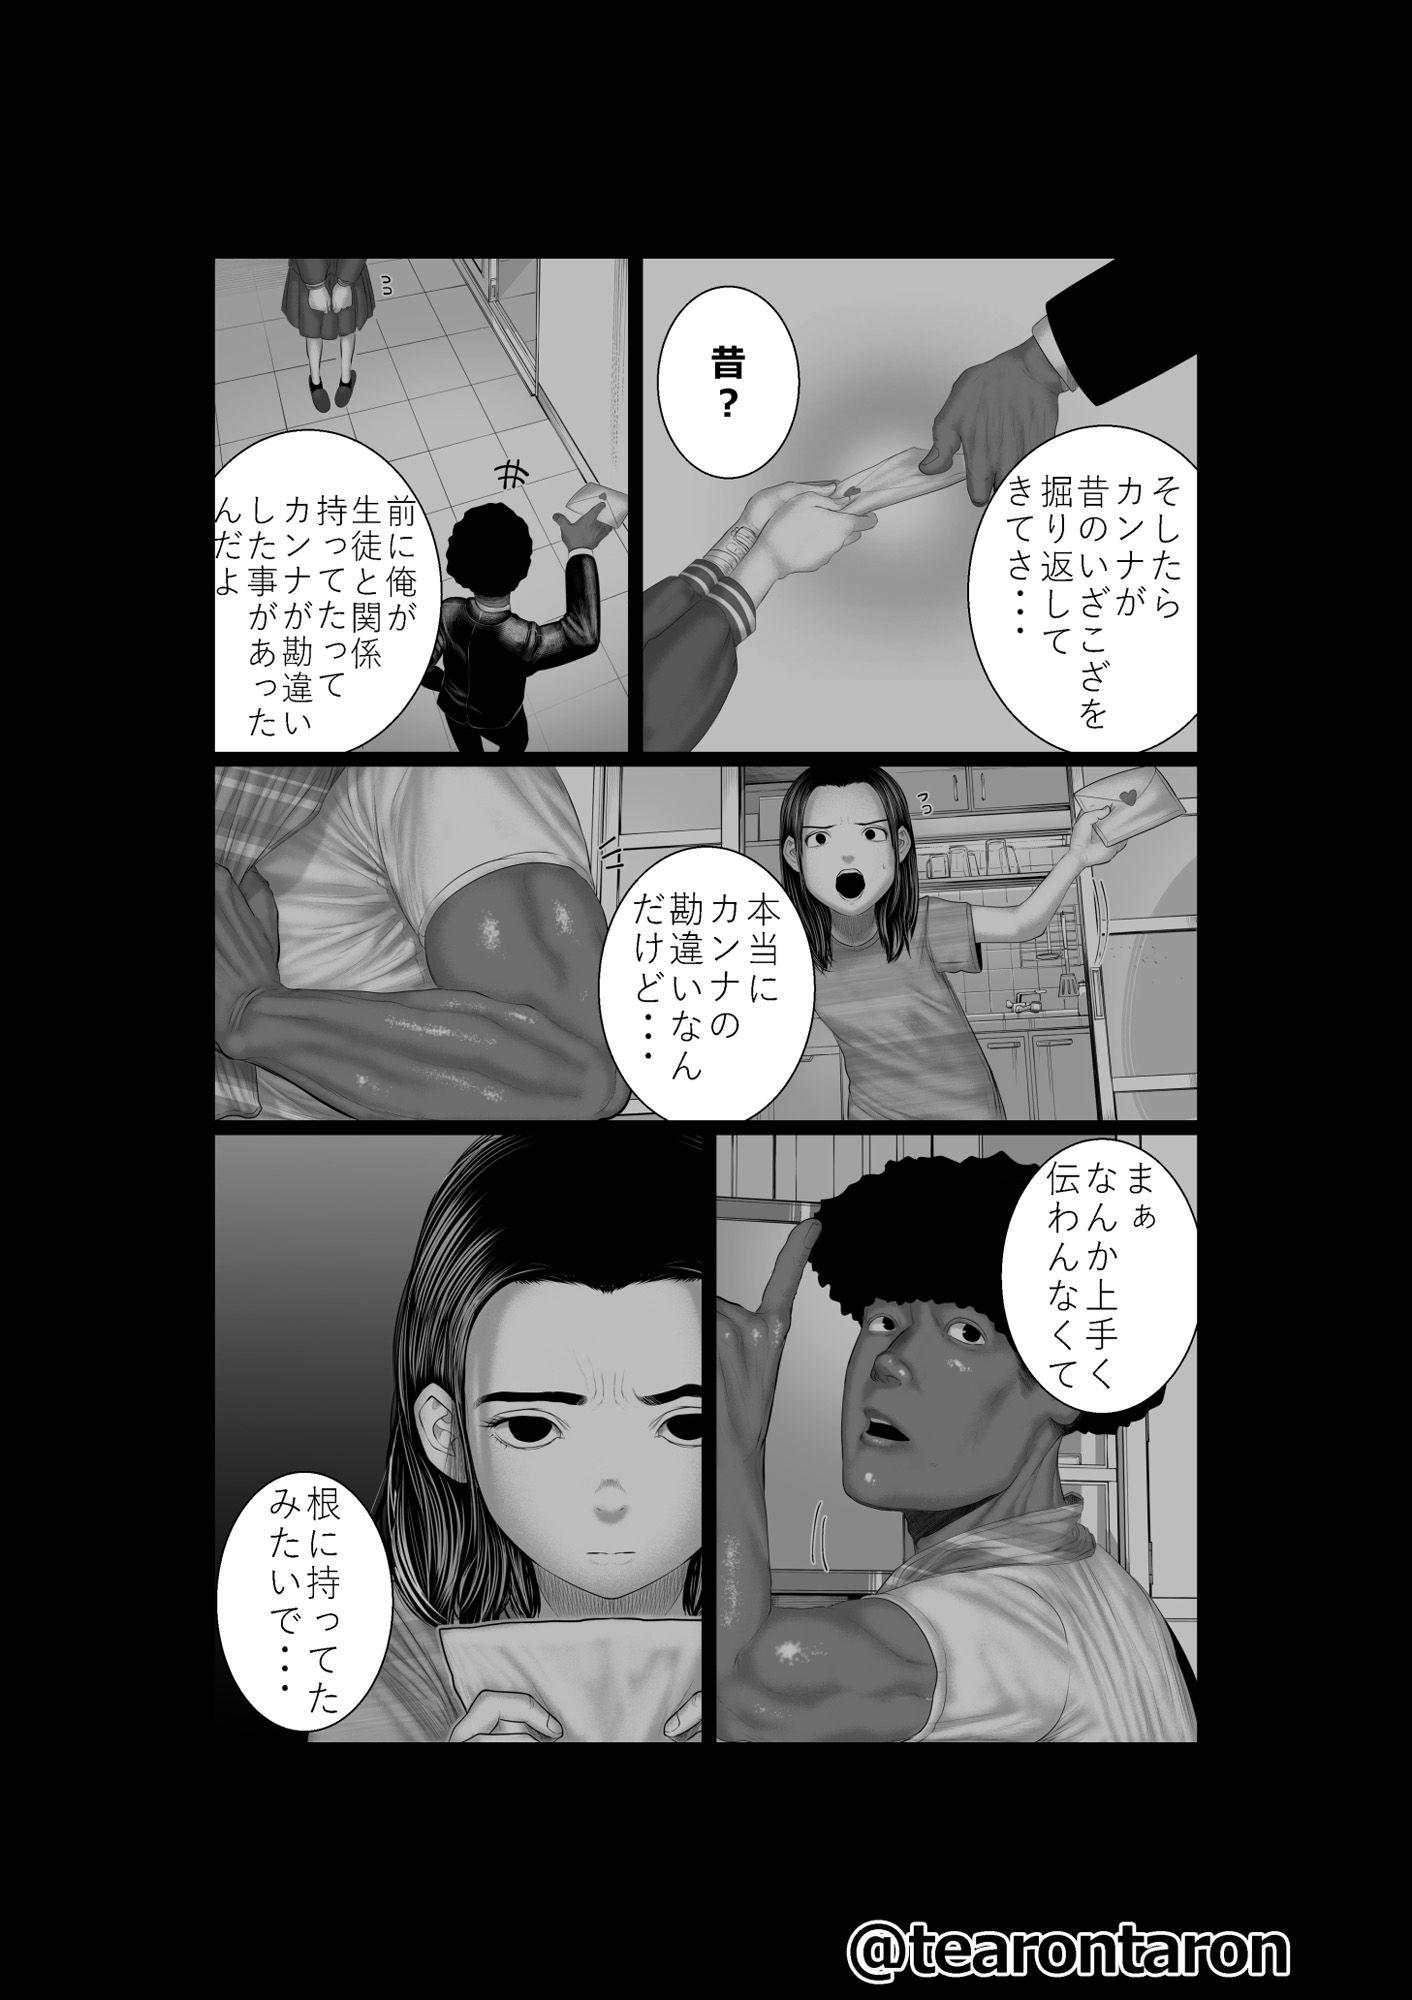 サンプル画像2:ブレーキランプ5回点滅(上)(てぃーろんたろん) [d_200179]